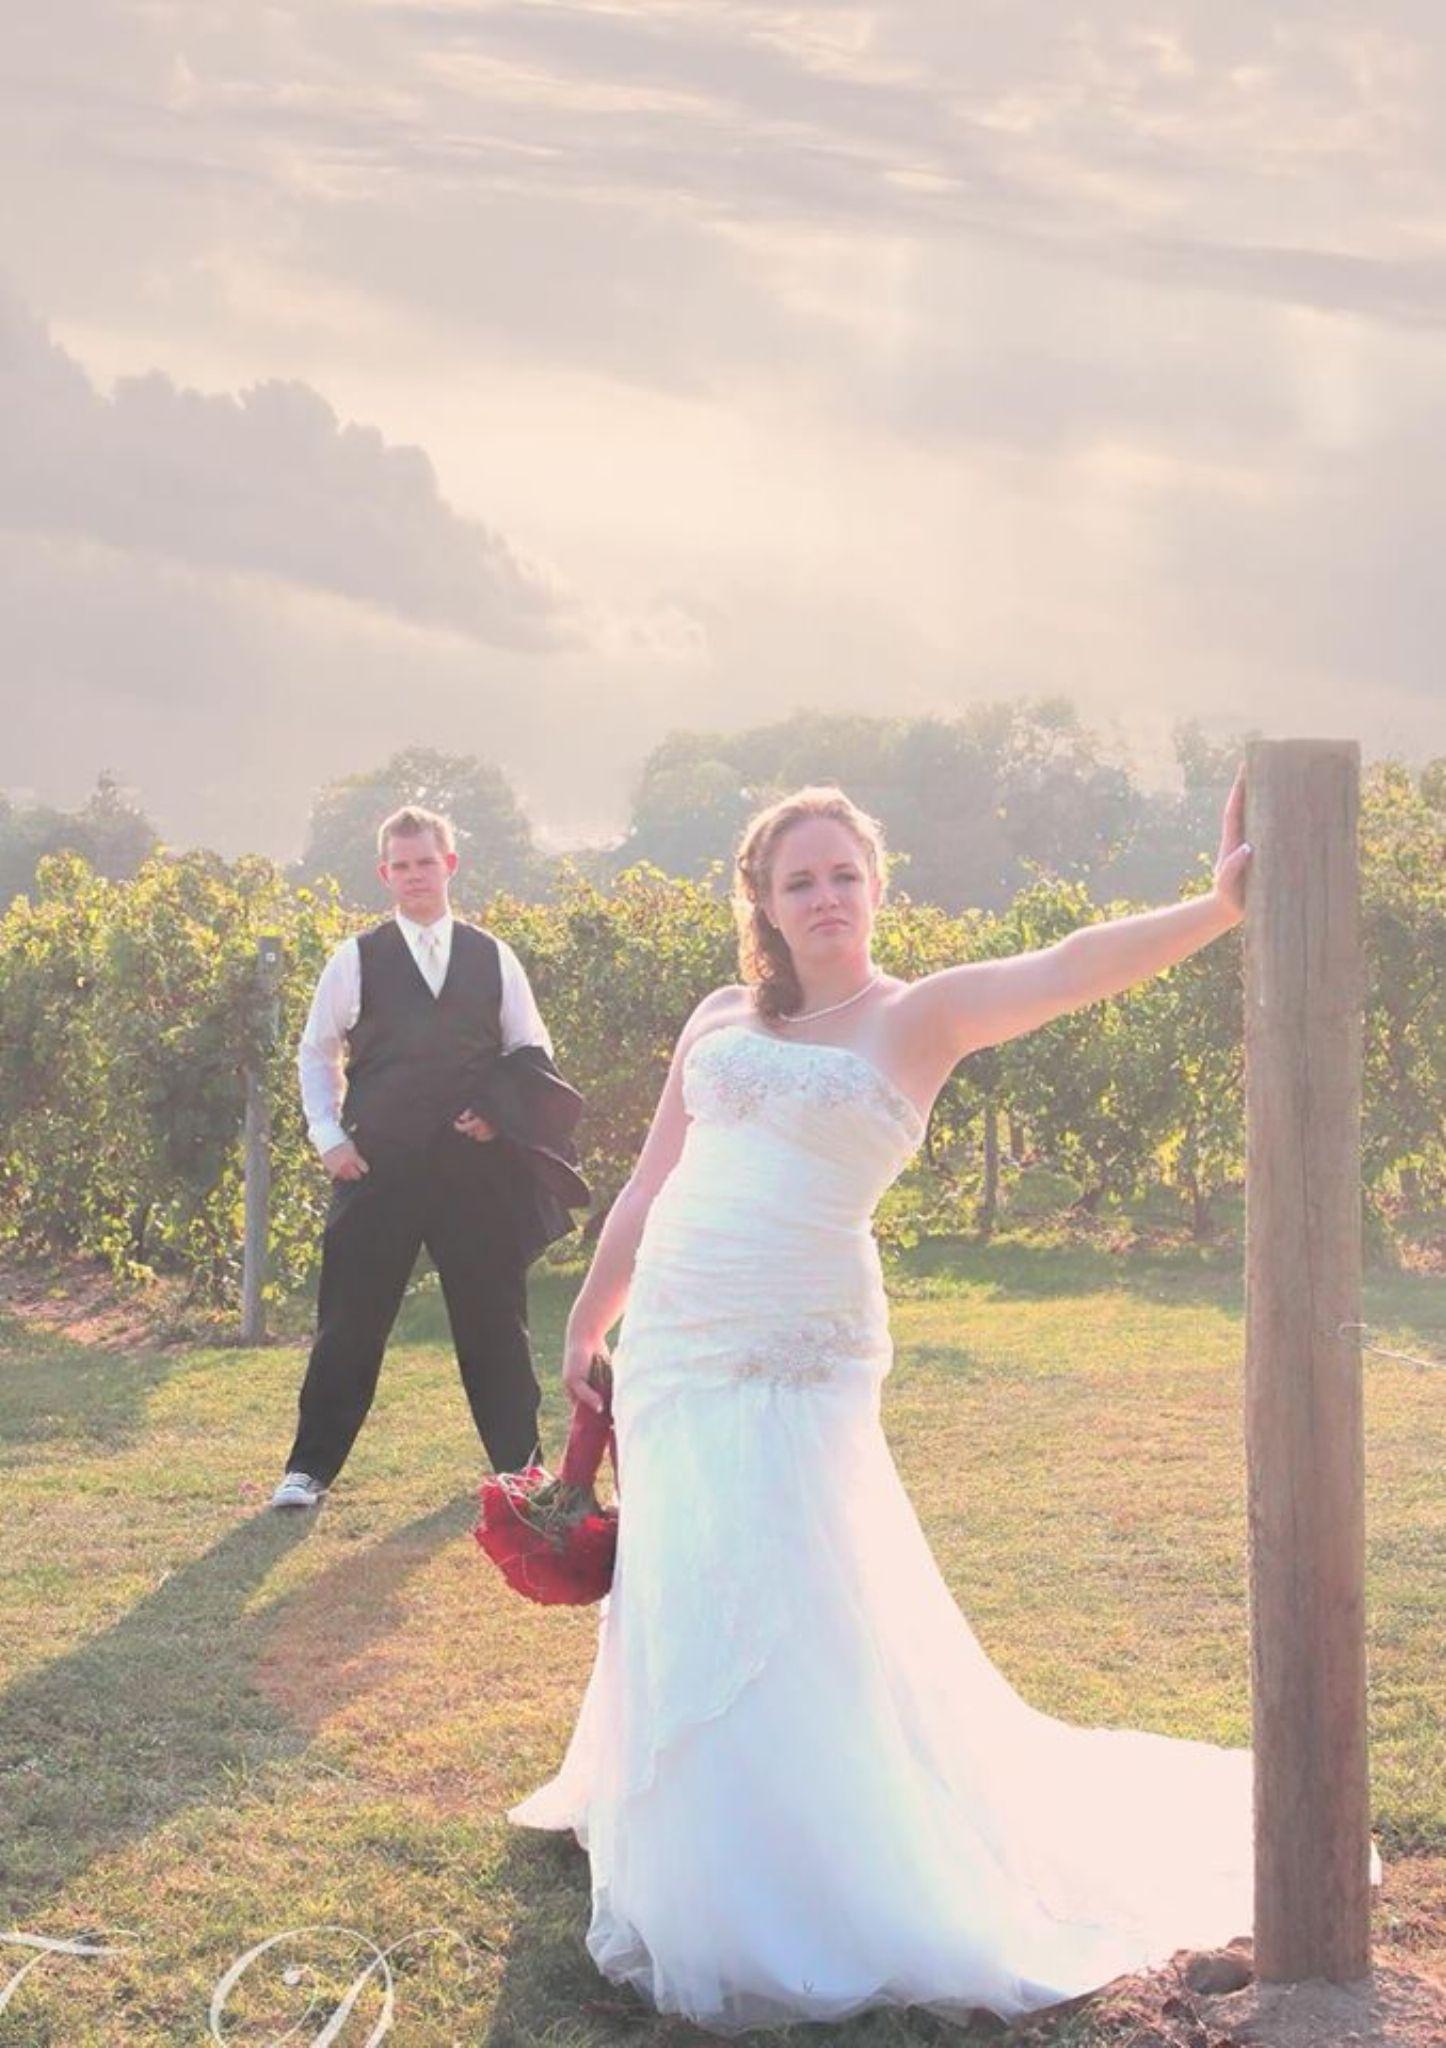 Vineyard Wedding by TammyDavis13